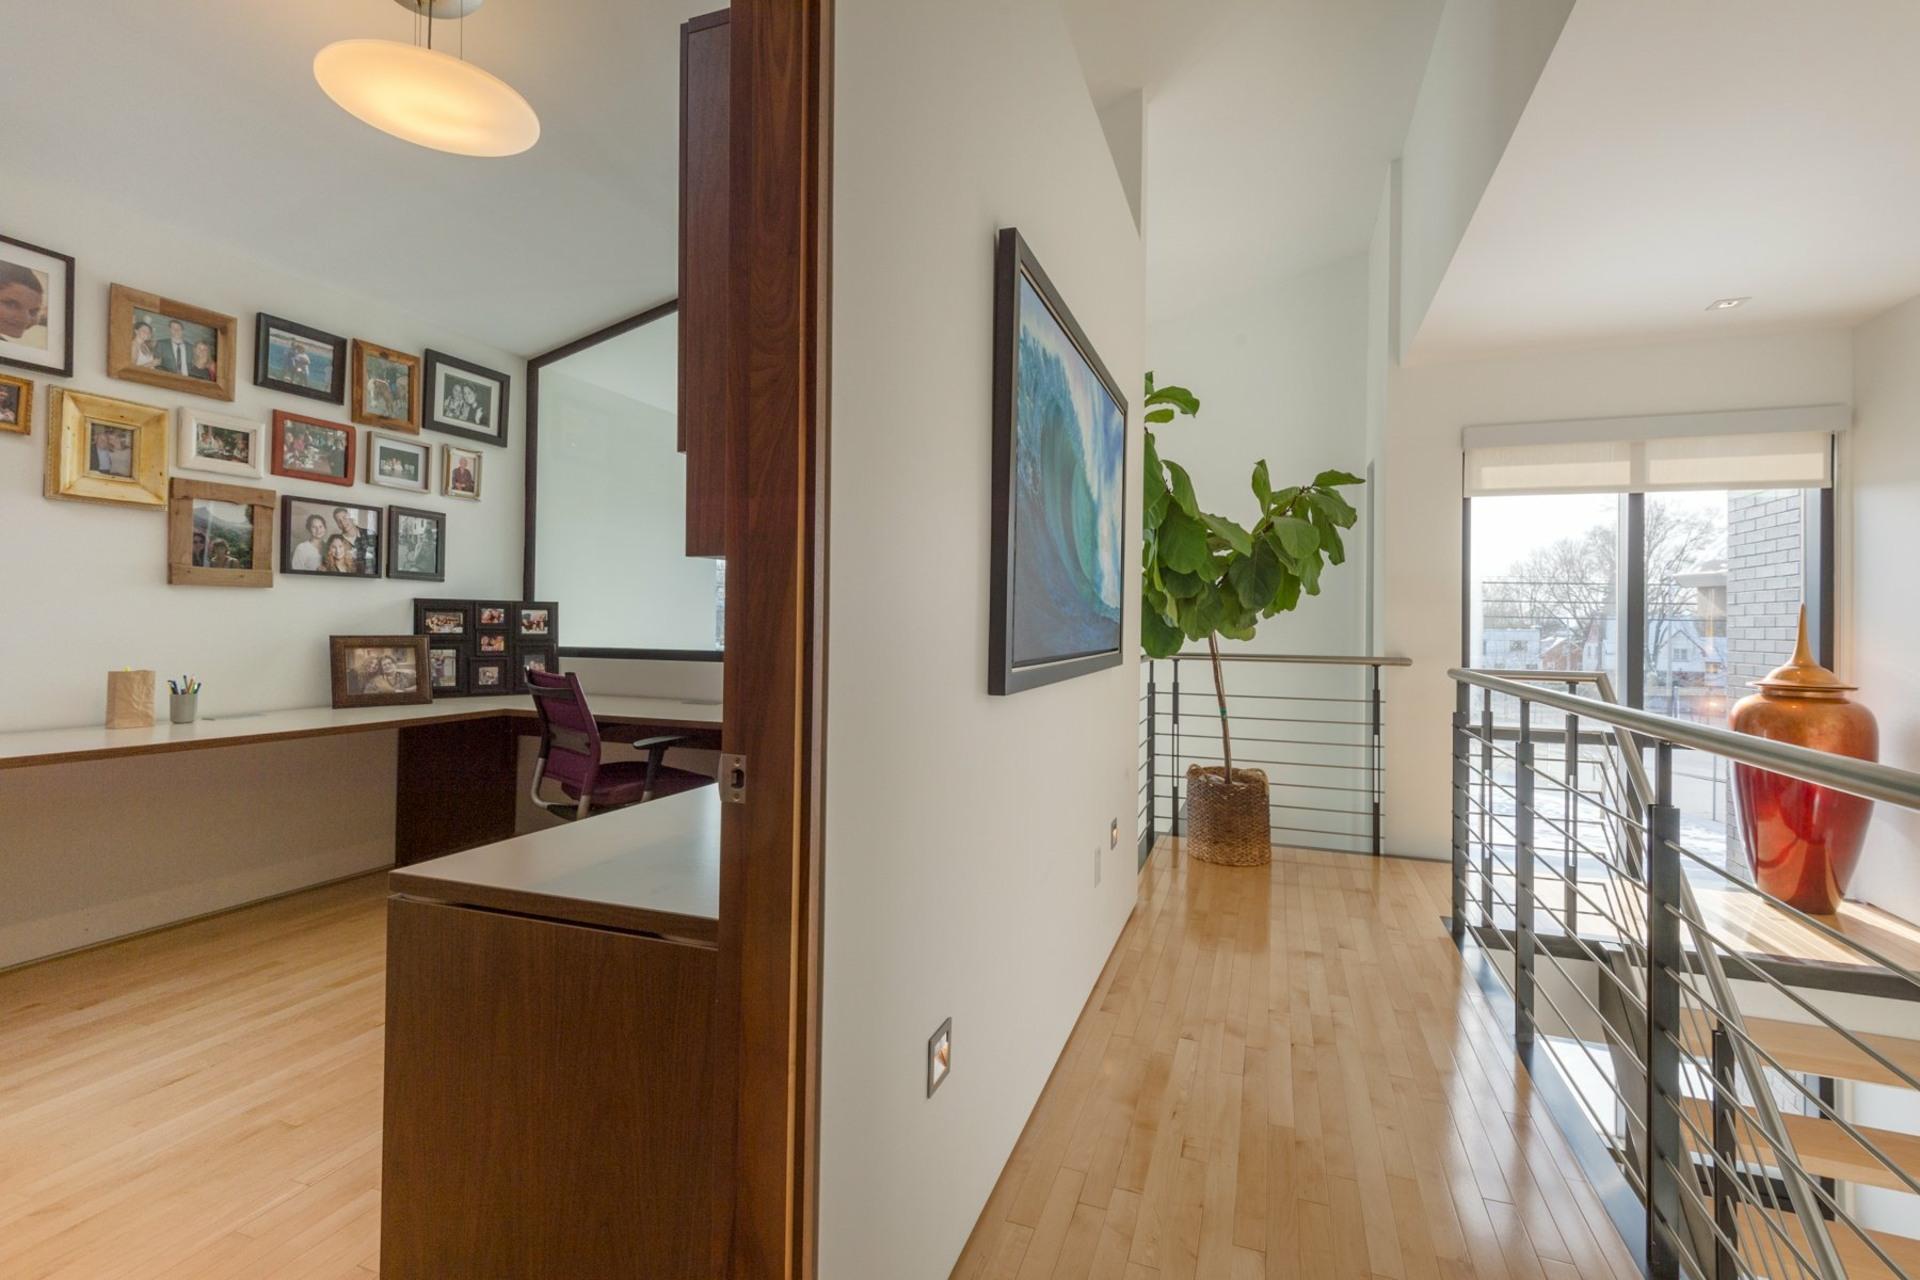 image 17 - House For sale Montréal Côte-des-Neiges/Notre-Dame-de-Grâce  - 9 rooms